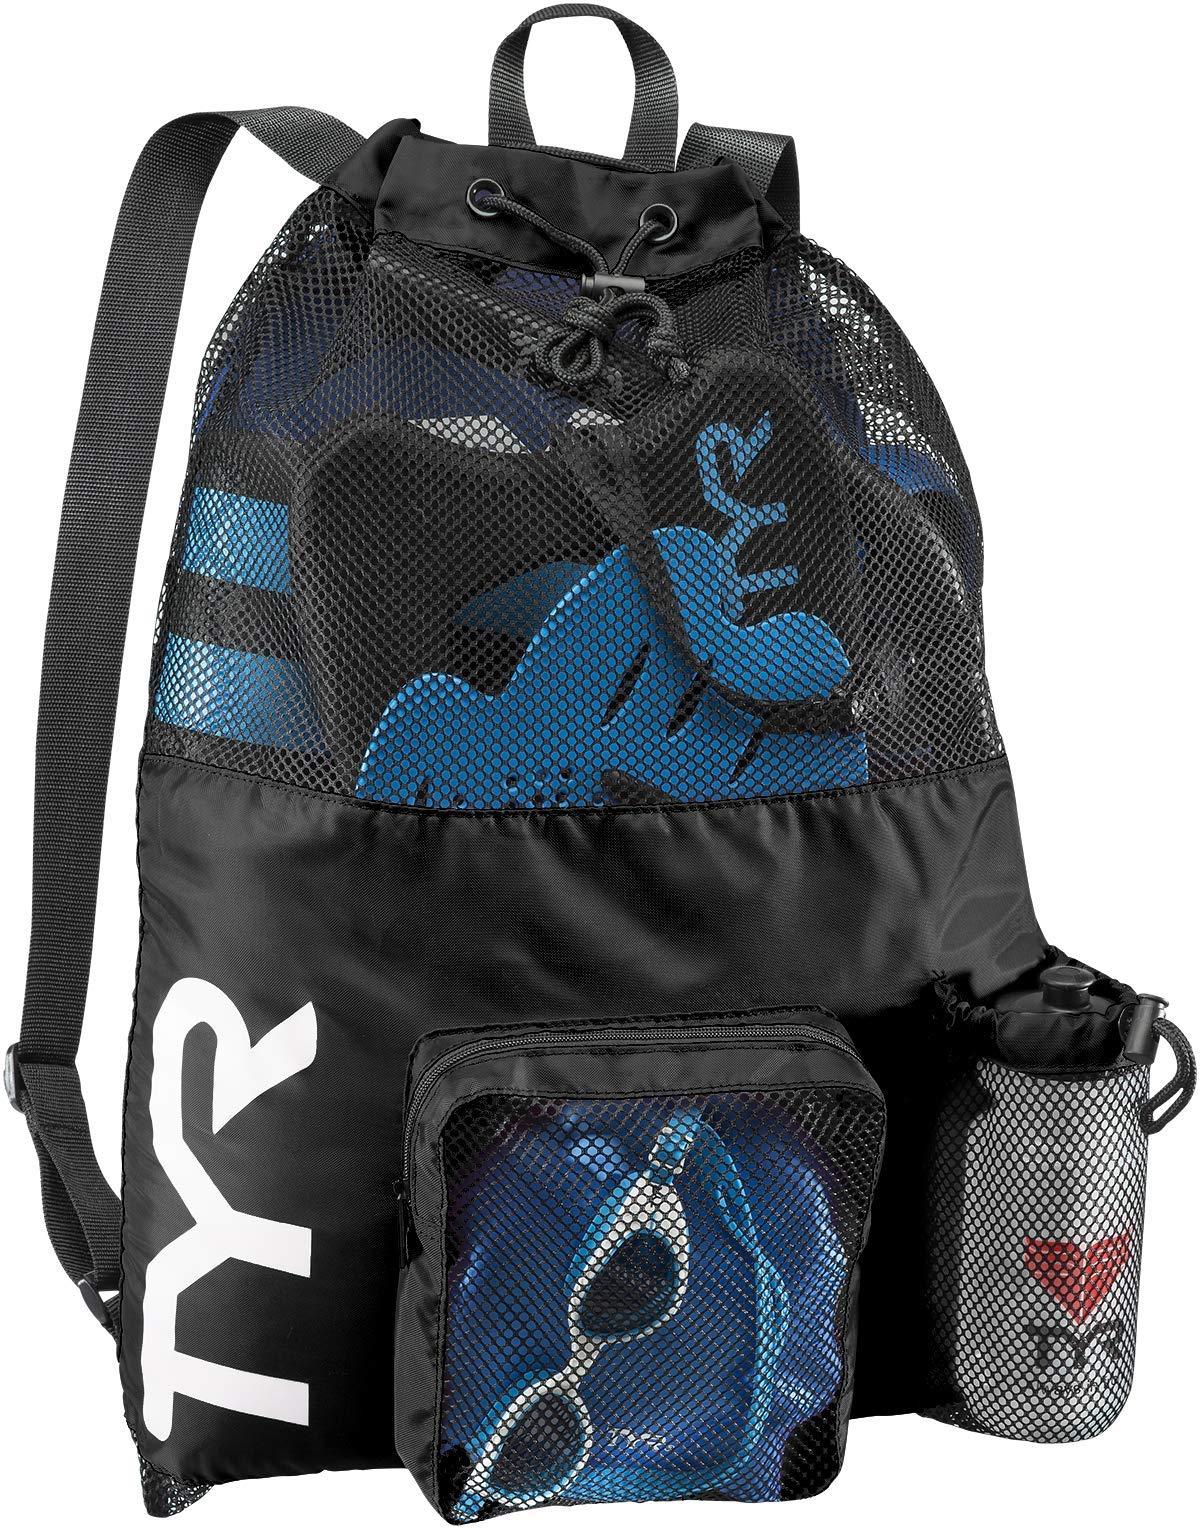 TYR Big Mesh Mummy Backpack, Black, 25-1/4'' x 19''